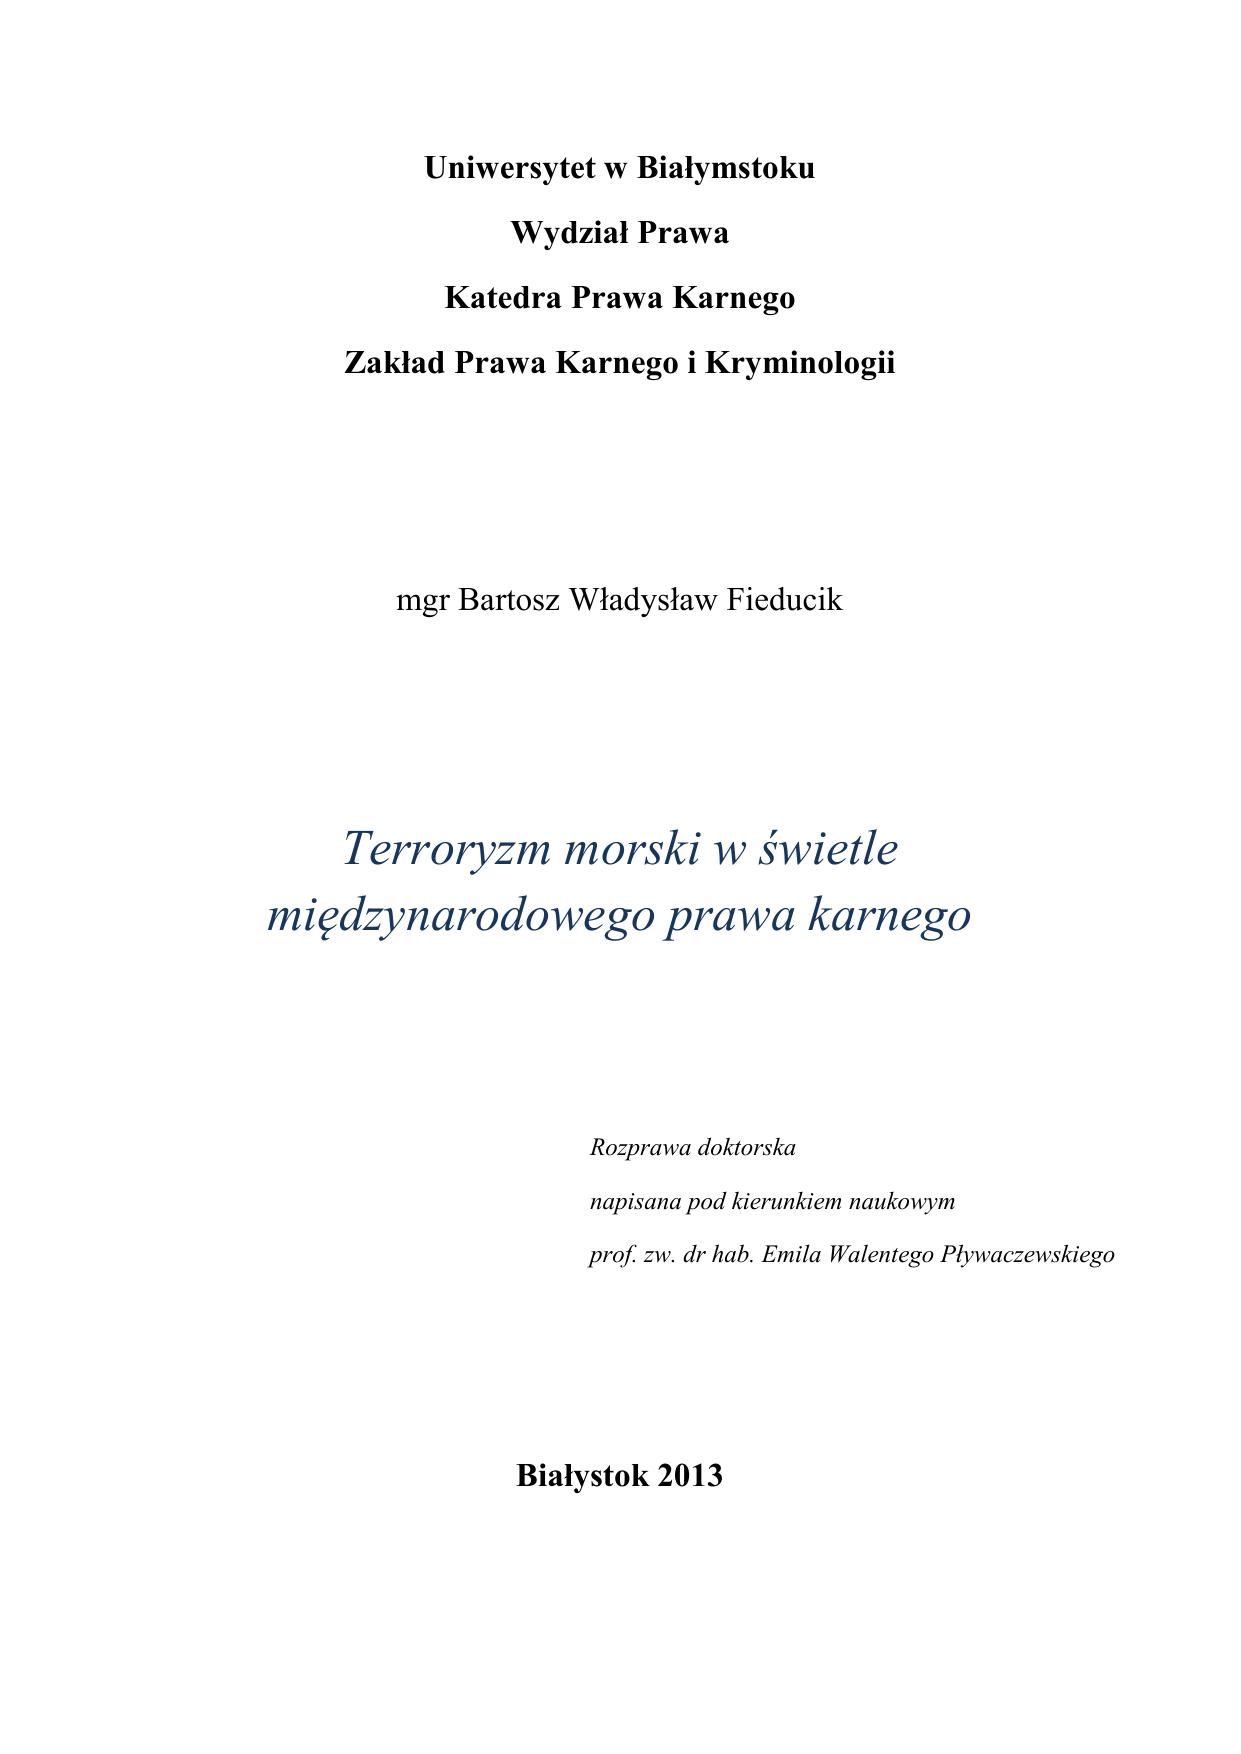 Terroryzm Morski W świetle Międzynarodowego Prawa Karnego